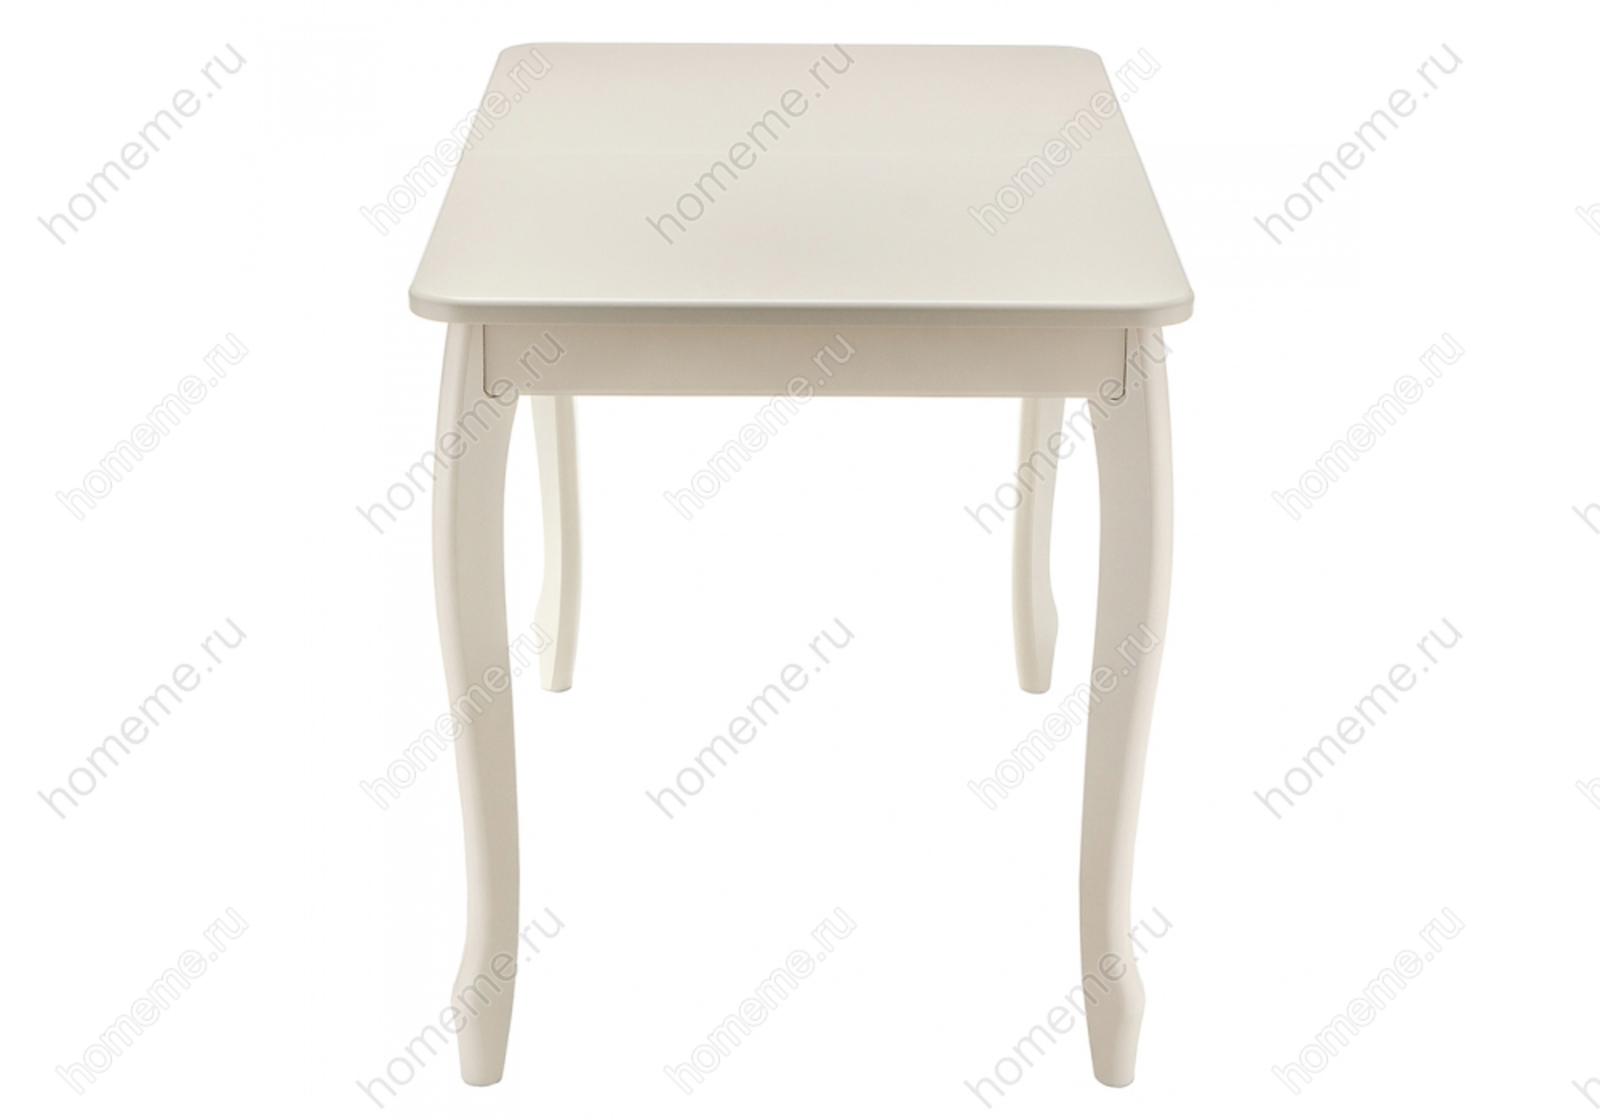 Стол деревянный Амато молочный 309302 Амато молочный 309302 (15304)